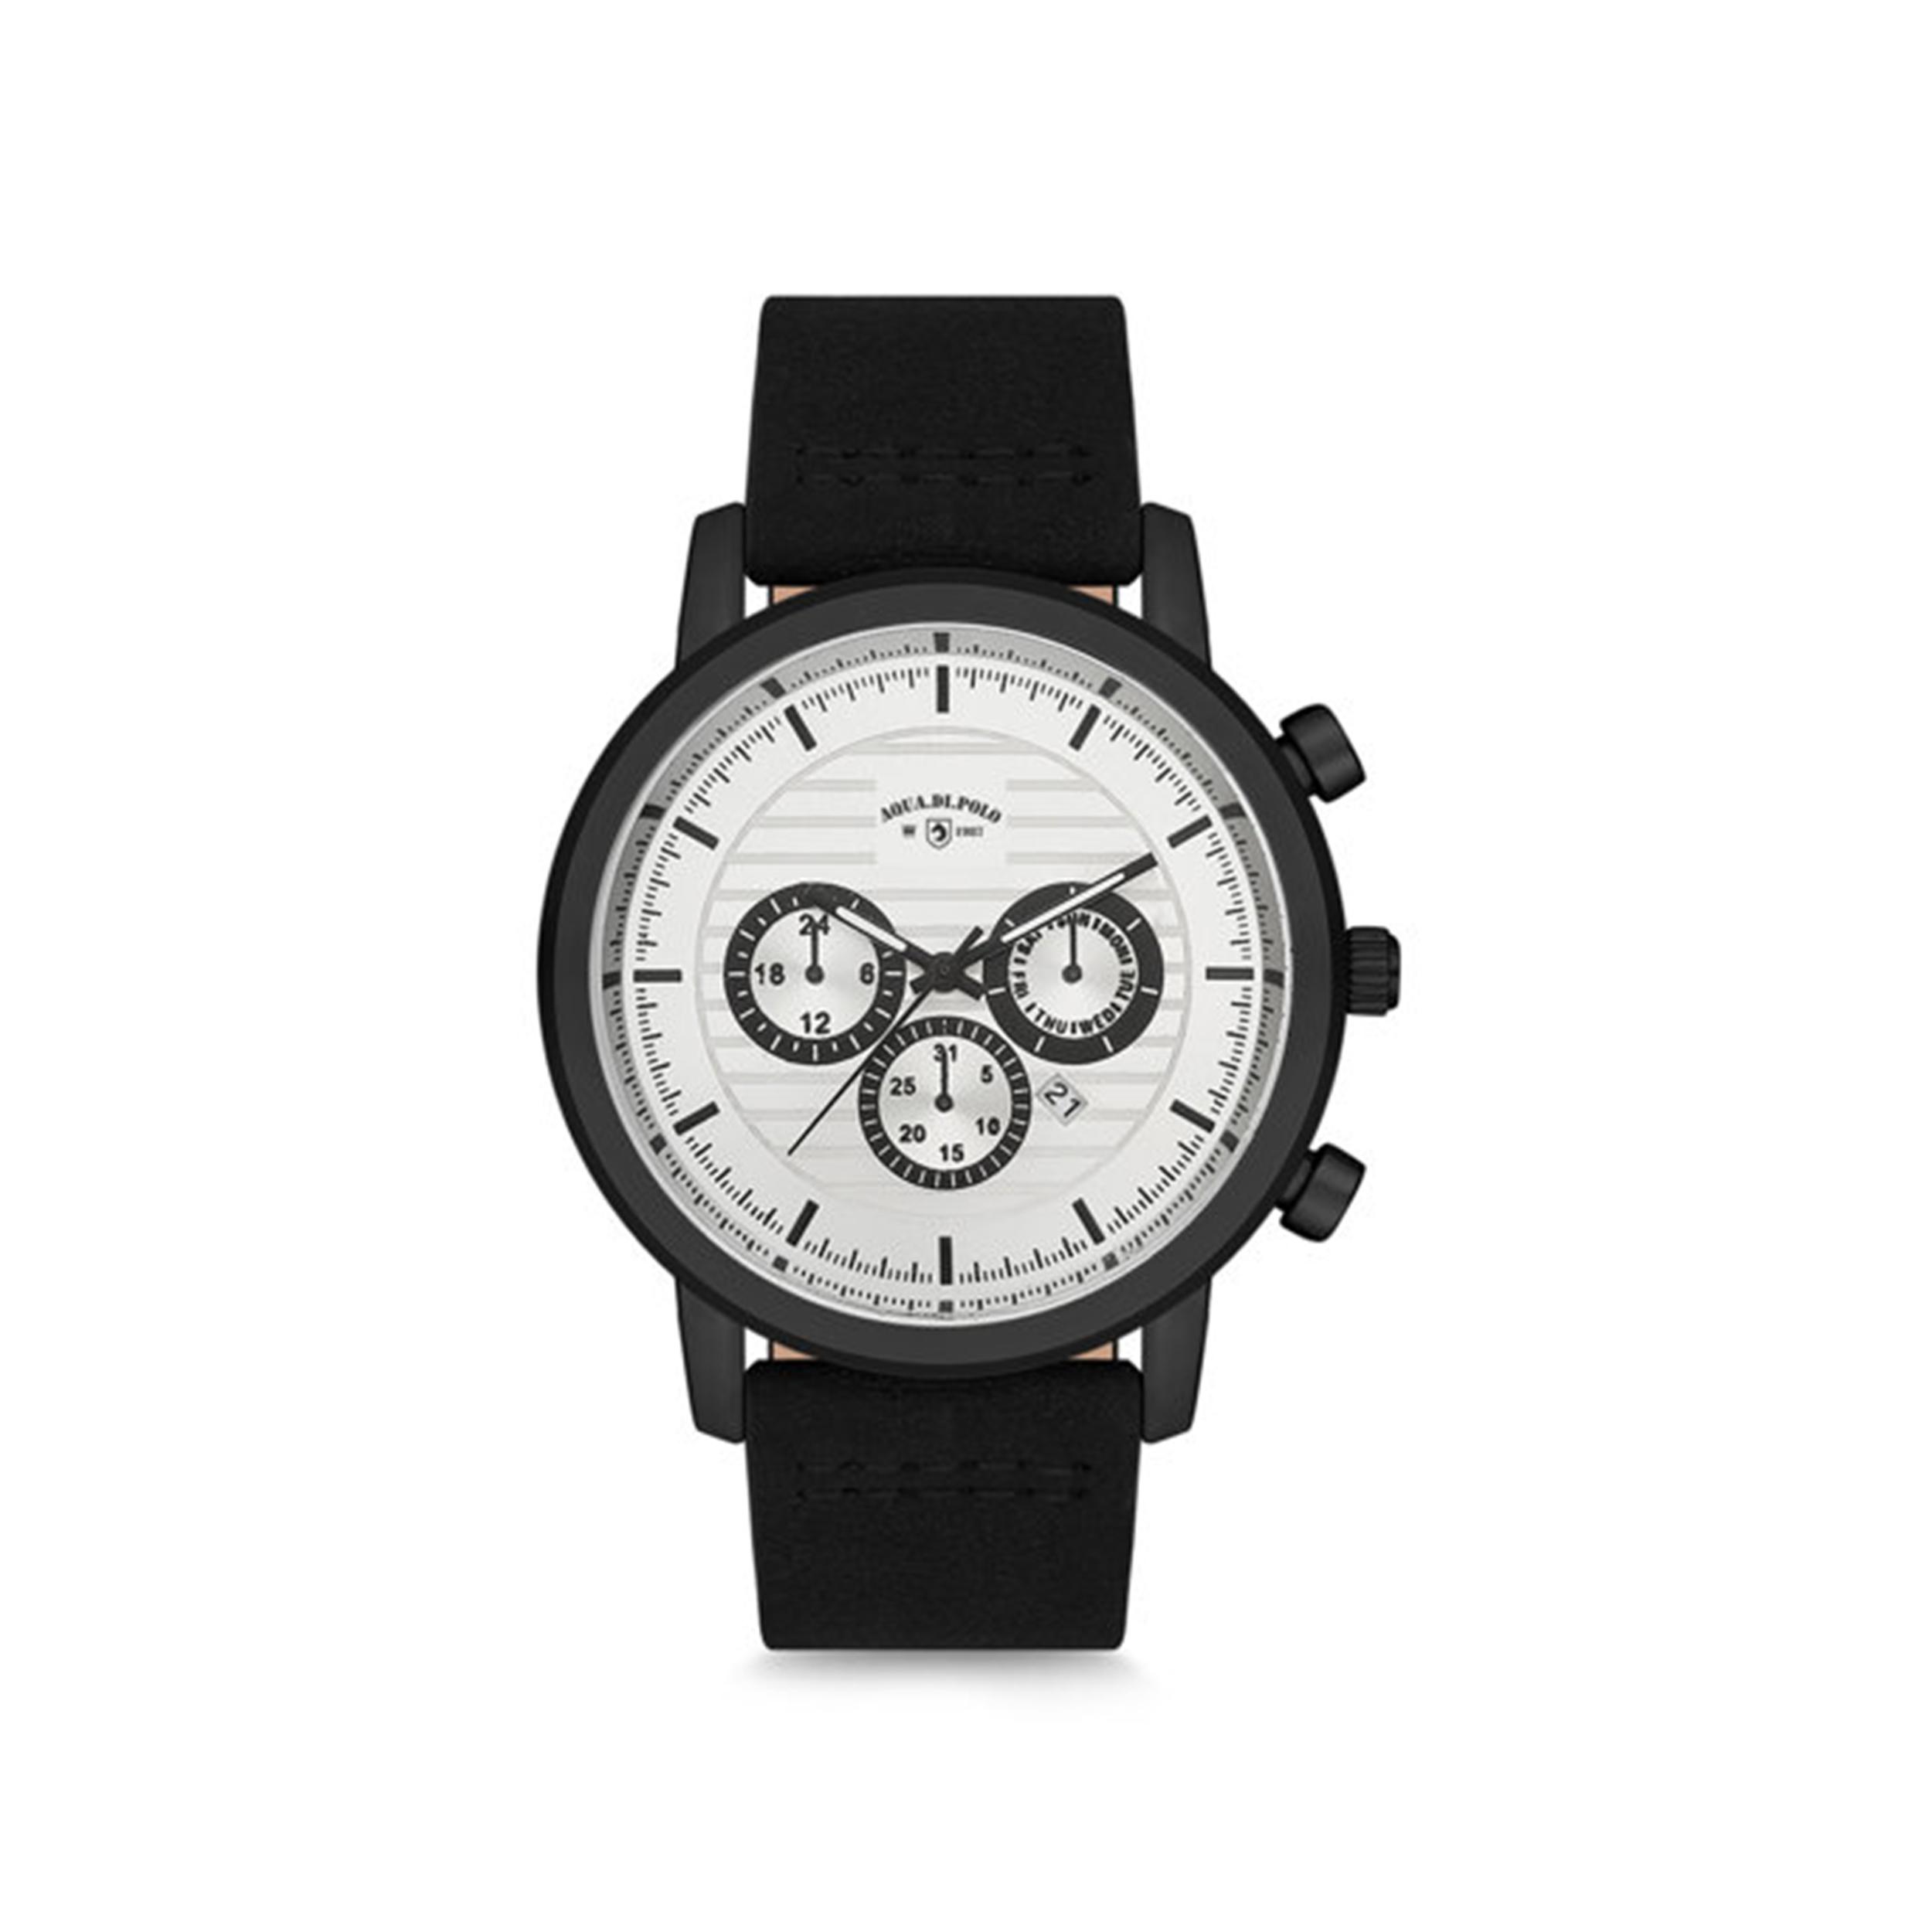 قیمت ساعت مچی عقربه ای مردانه آکوا دی پولو مدل 57D01